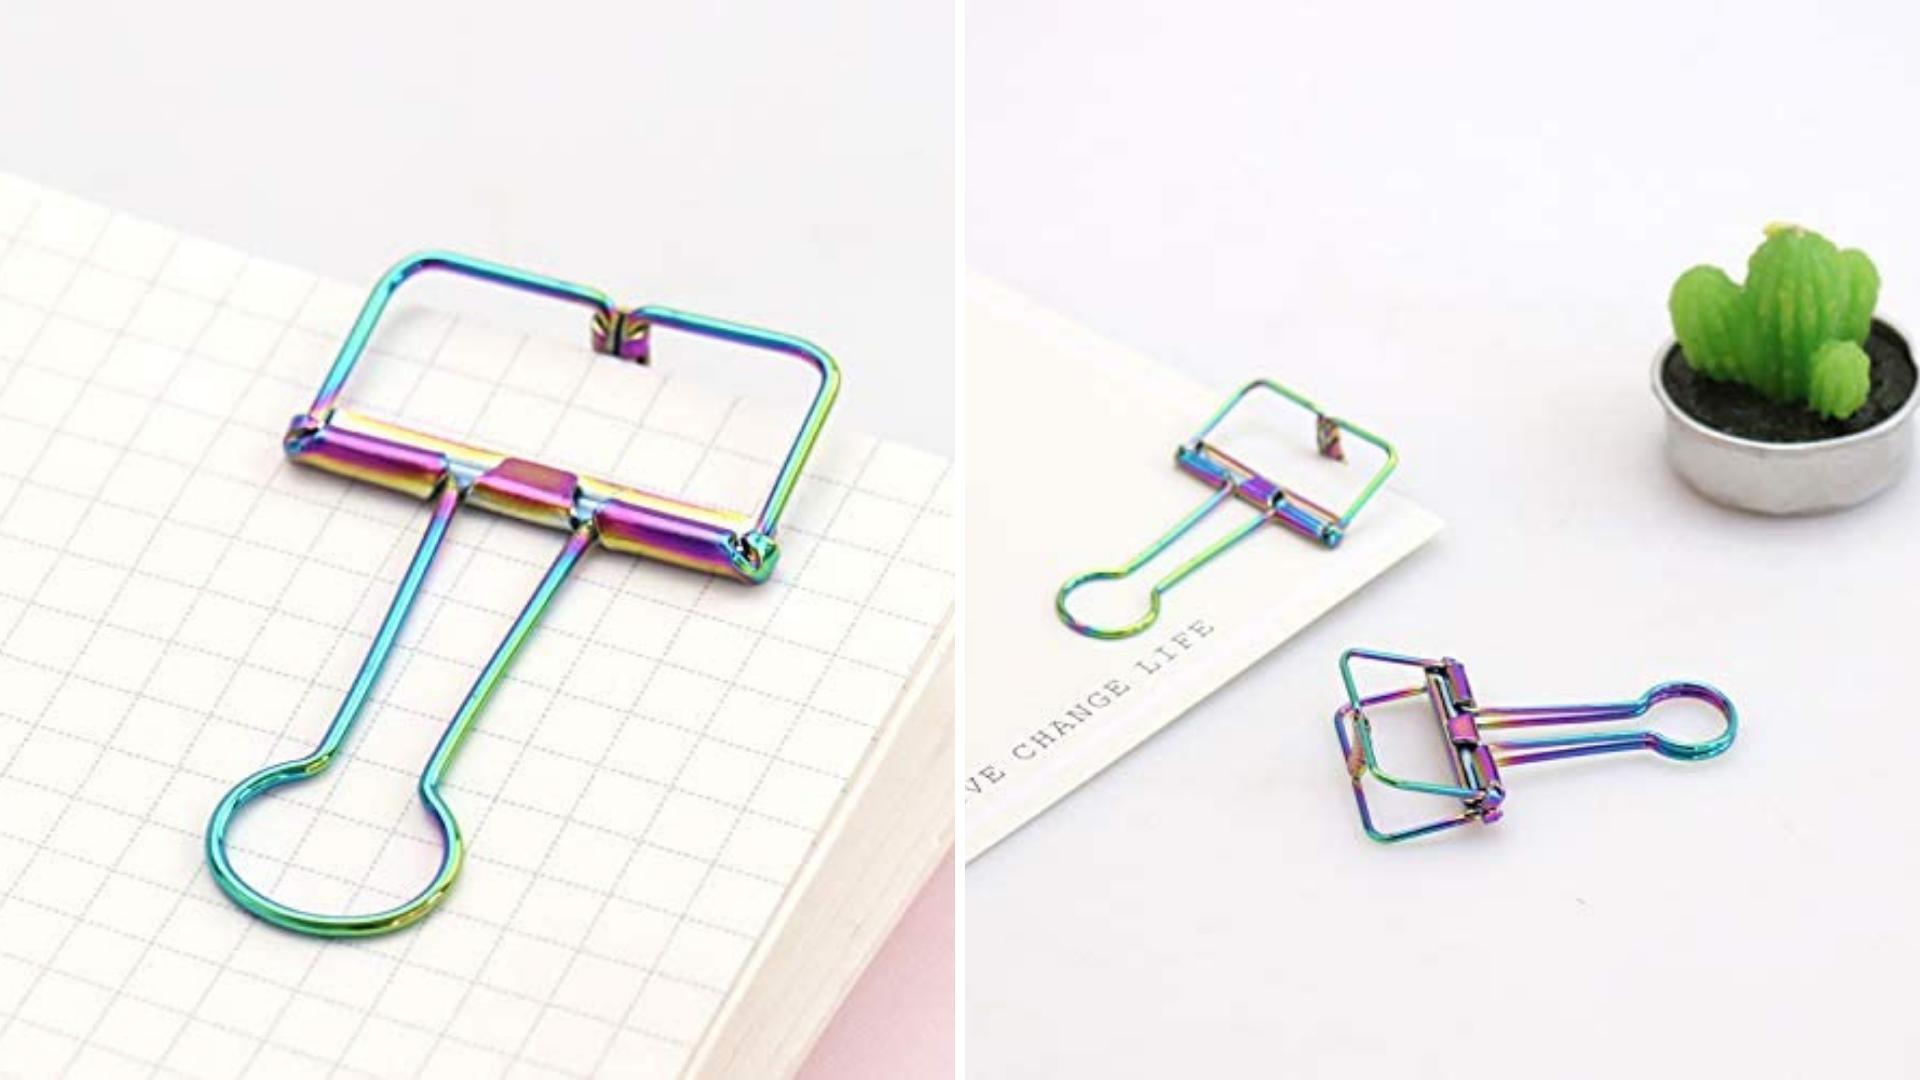 Des clips de gym holographiques retiennent les pages du cahier.